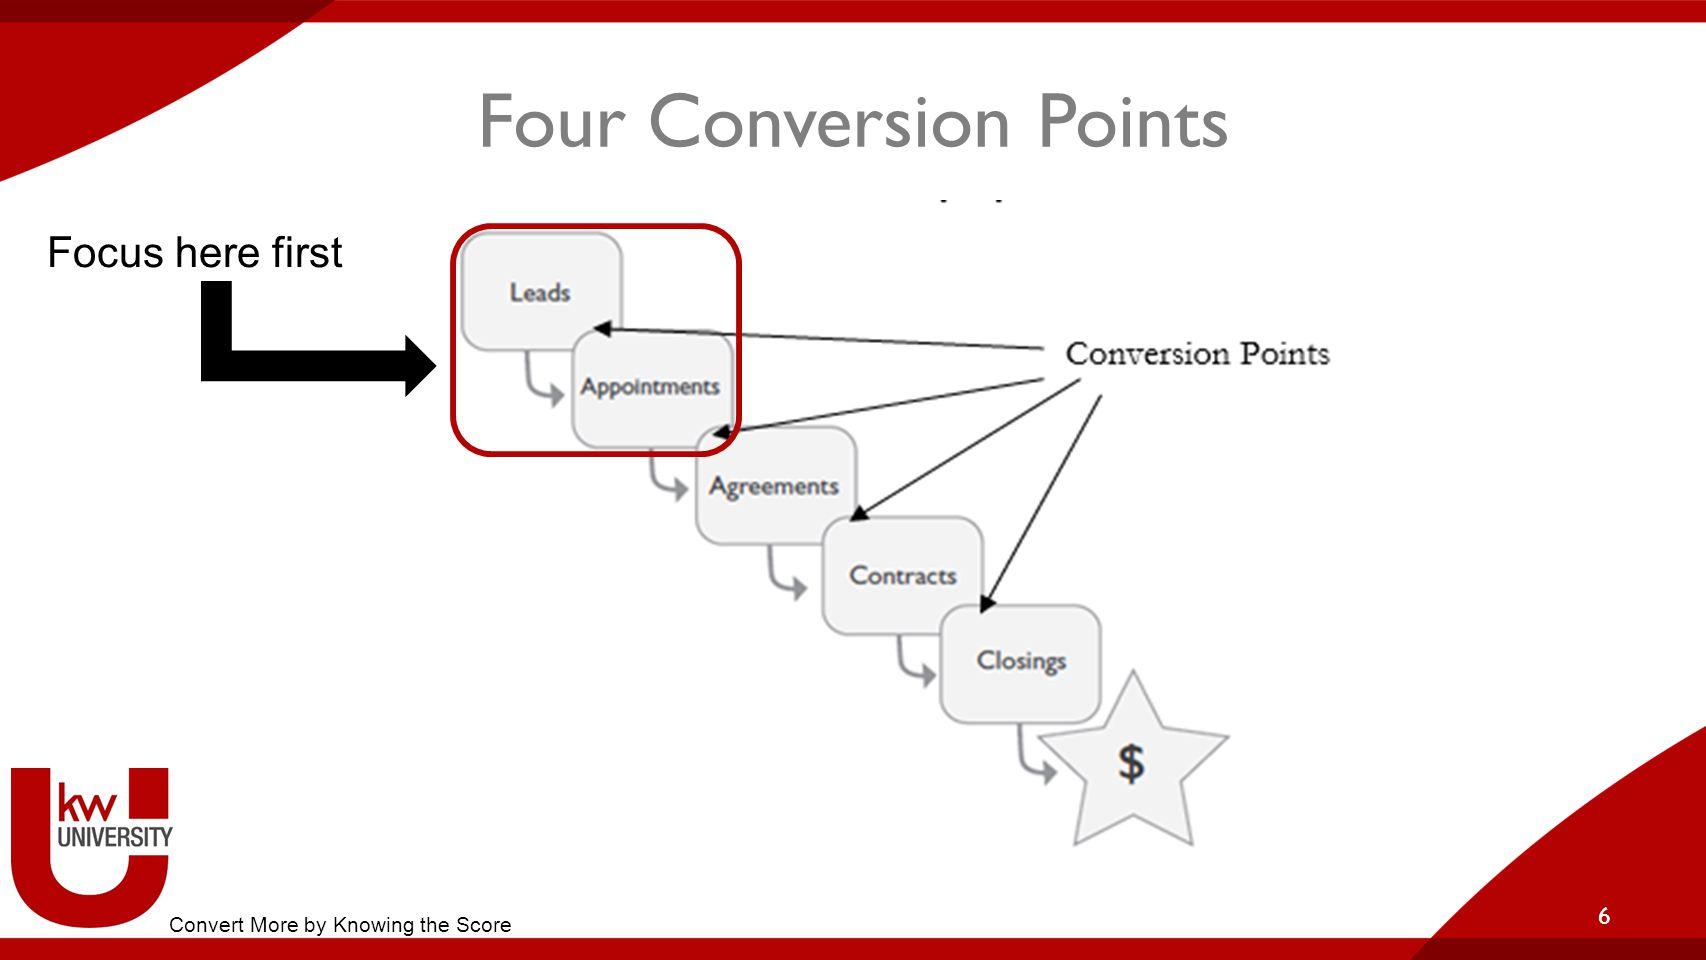 Four Conversion Points